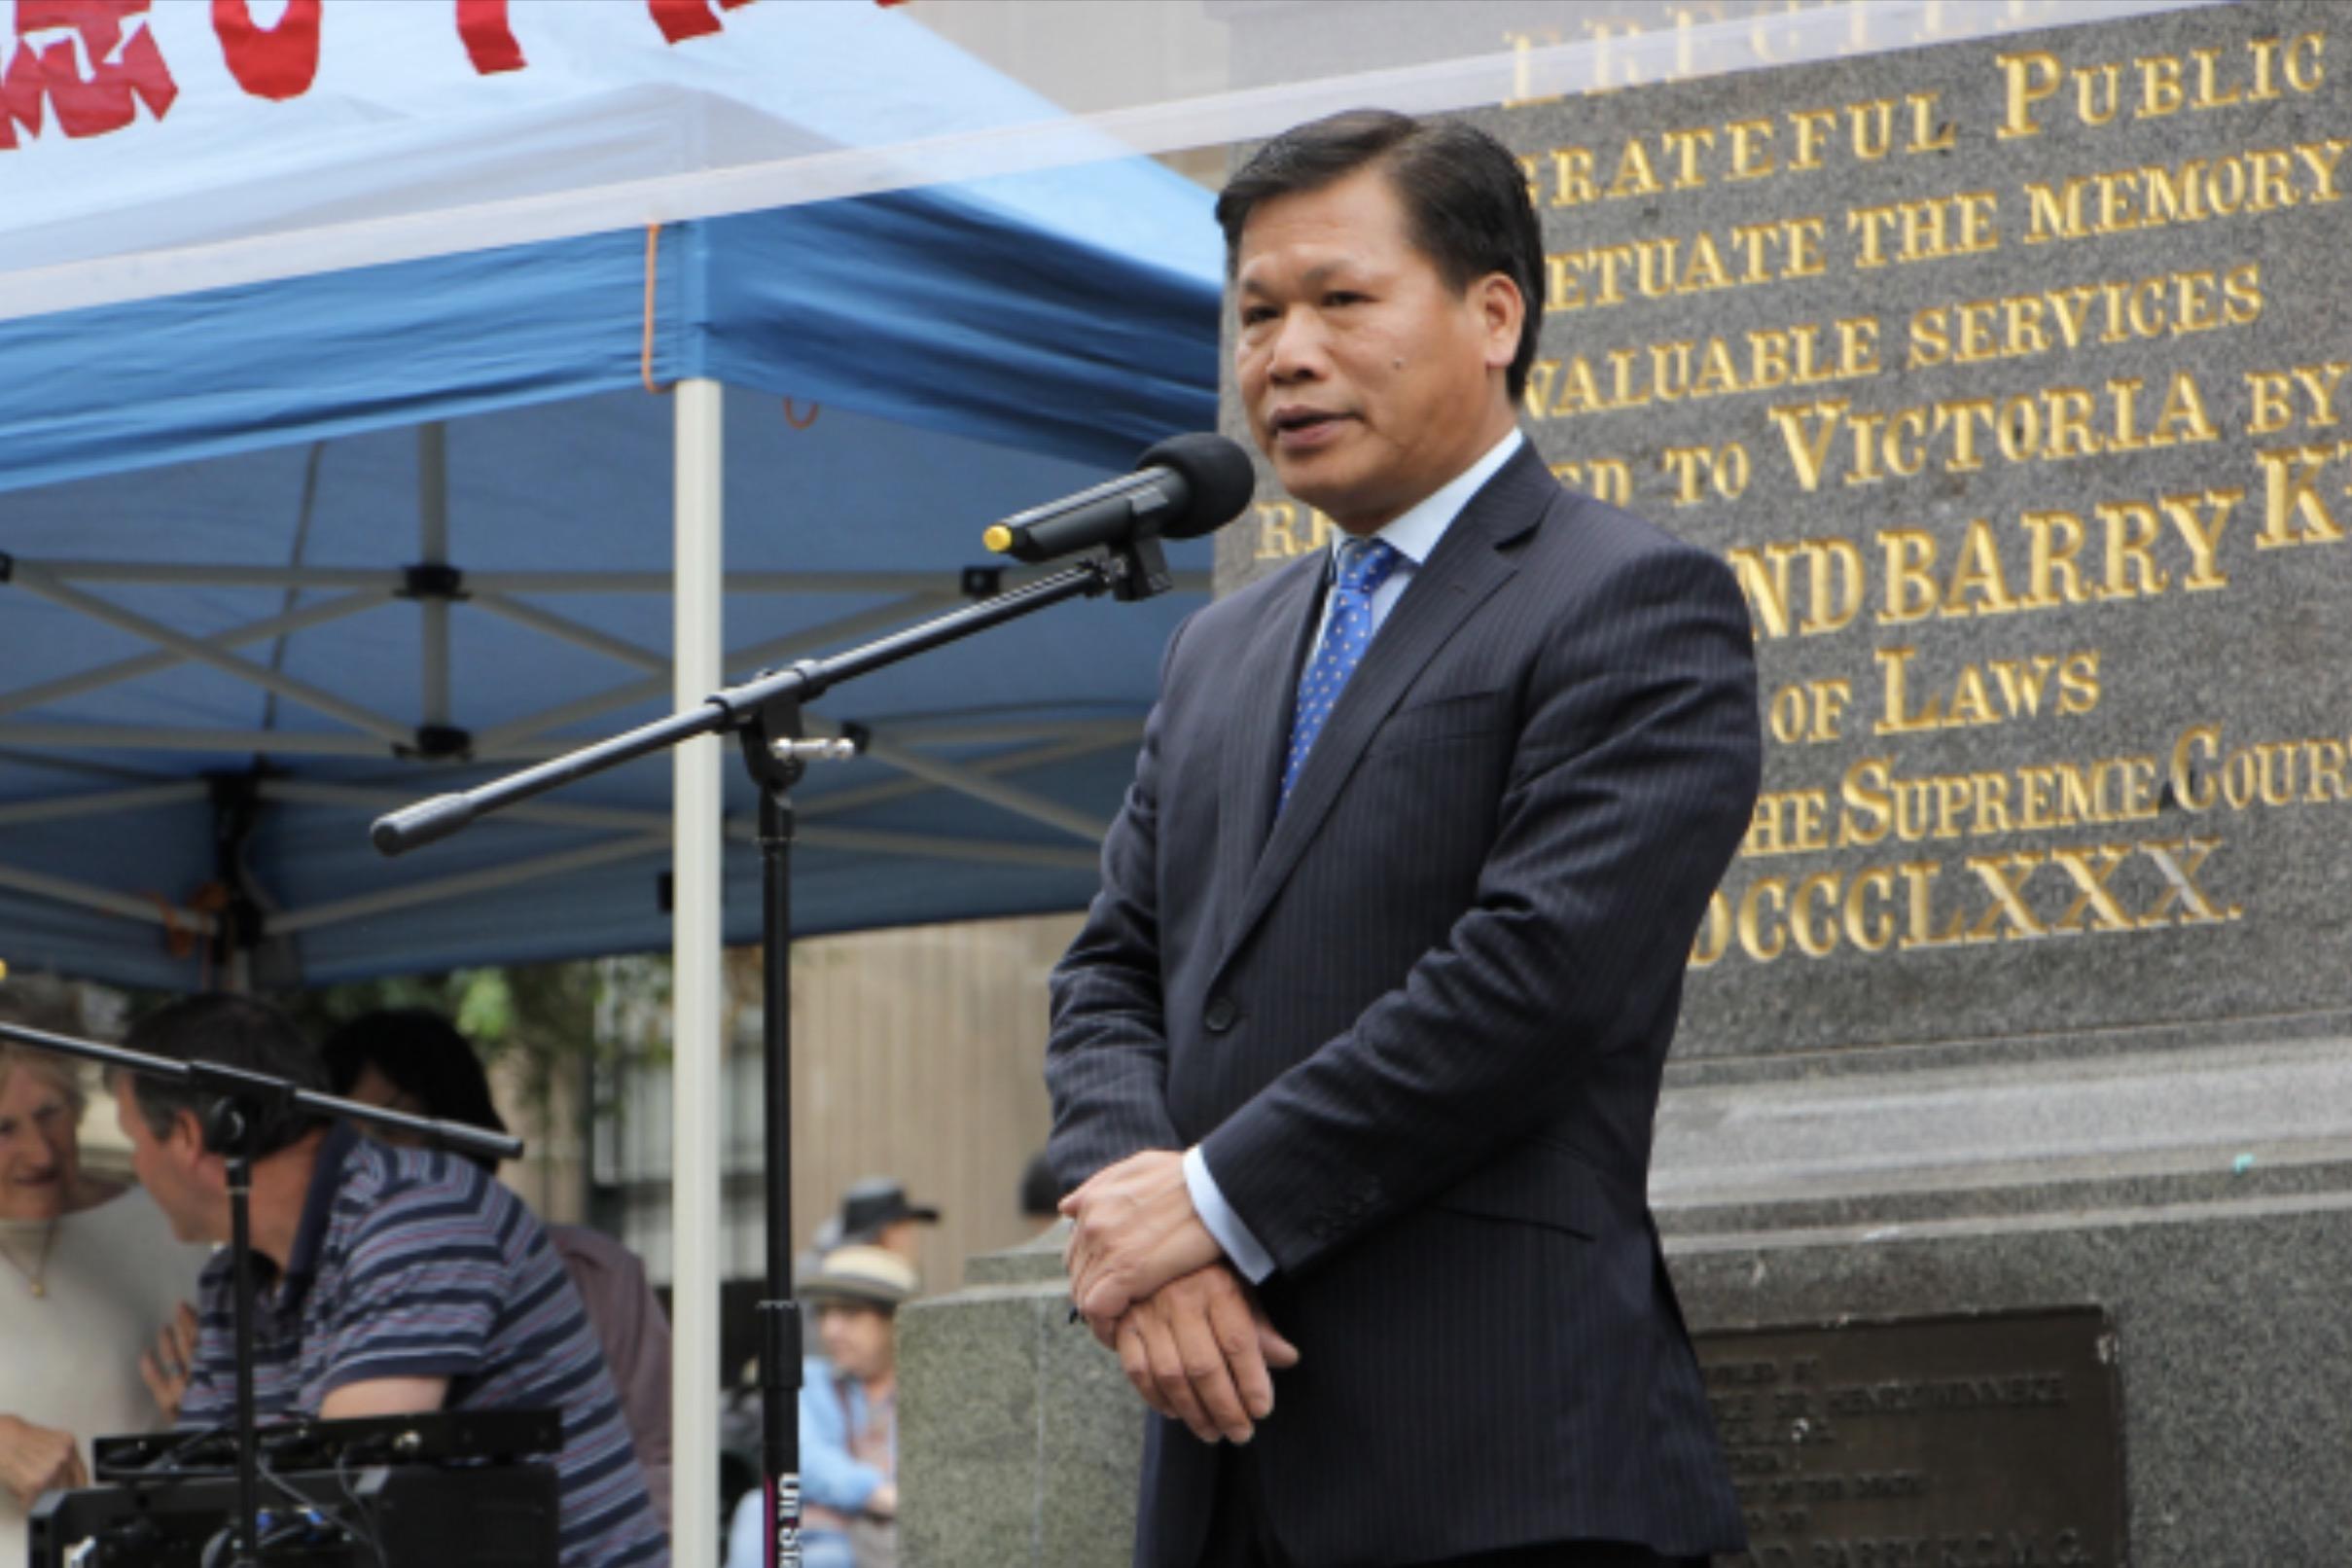 阮傑曾在集會上表示,三退不僅關乎中國大陸百姓,與海外華人也息息相關。中共對澳洲實施的滲透正在威脅澳洲華人的自由和人權。(托尼/大紀元)